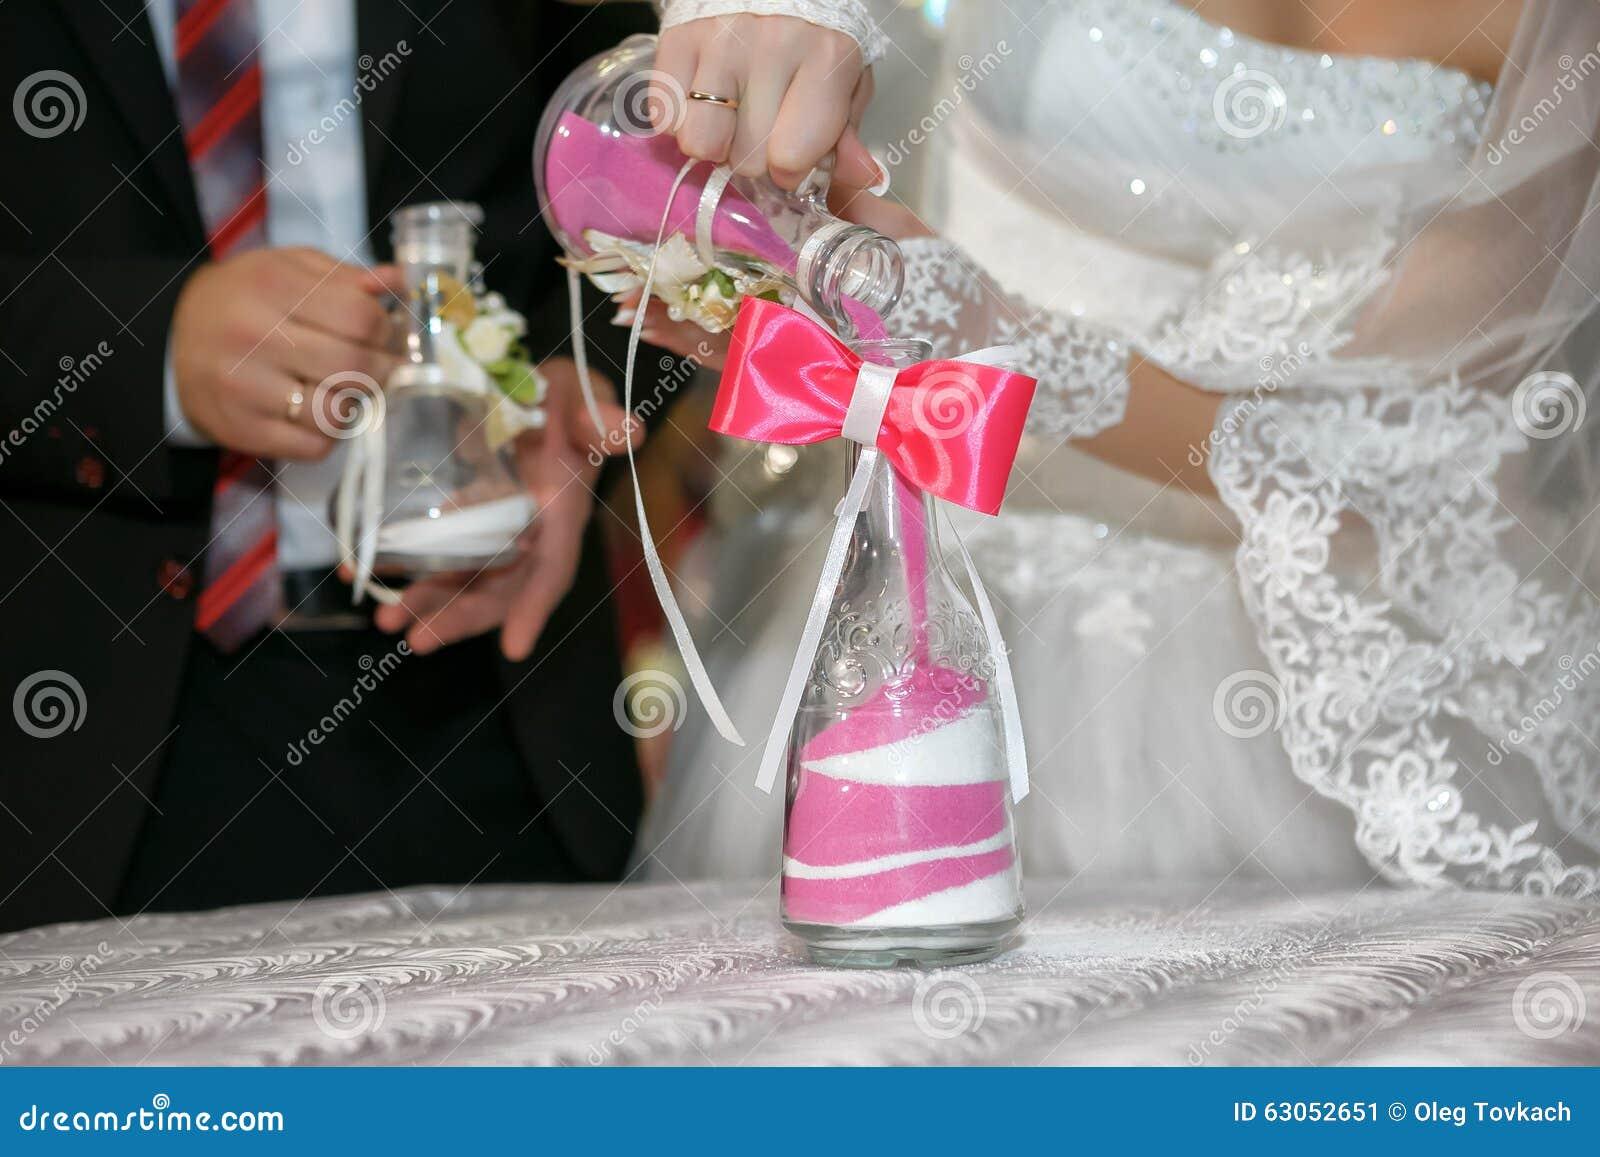 Matrimonio Simbolico De La Arena : La ceremonia de arena es un cierre boda para